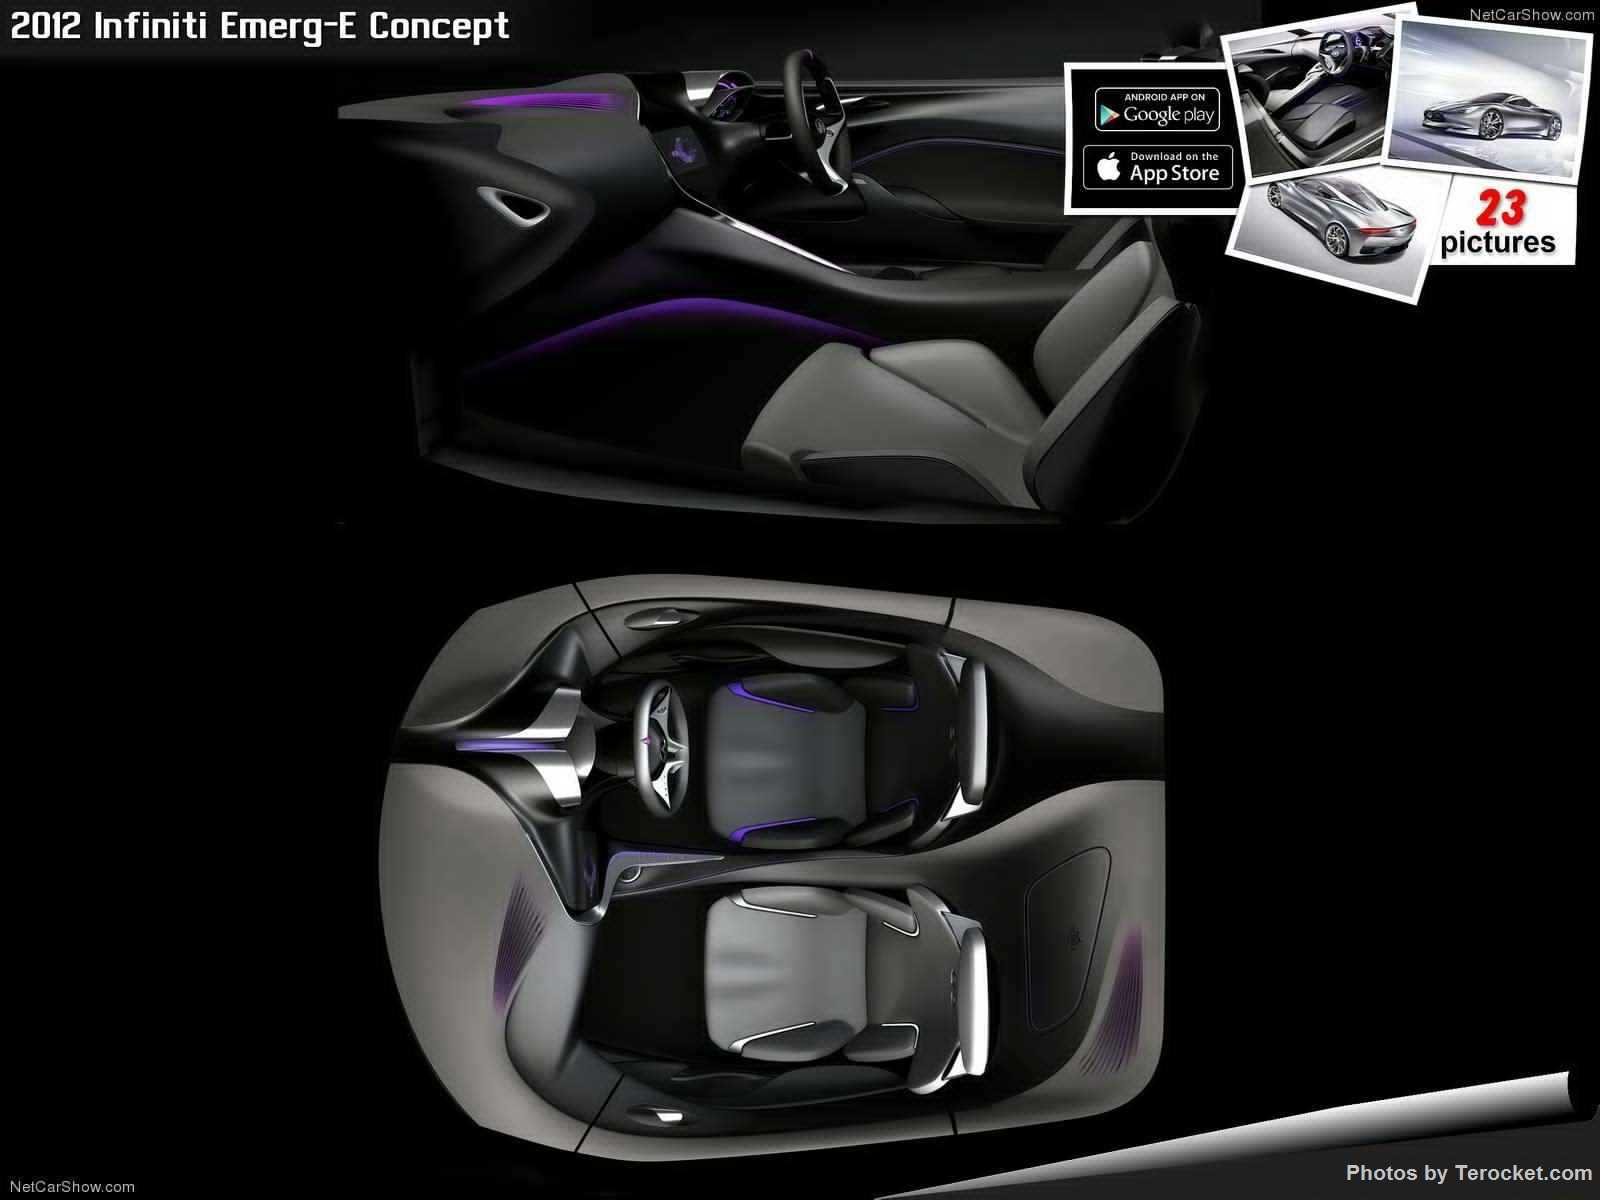 Hình ảnh xe ô tô Infiniti Emerg-E Concept 2012 & nội ngoại thất